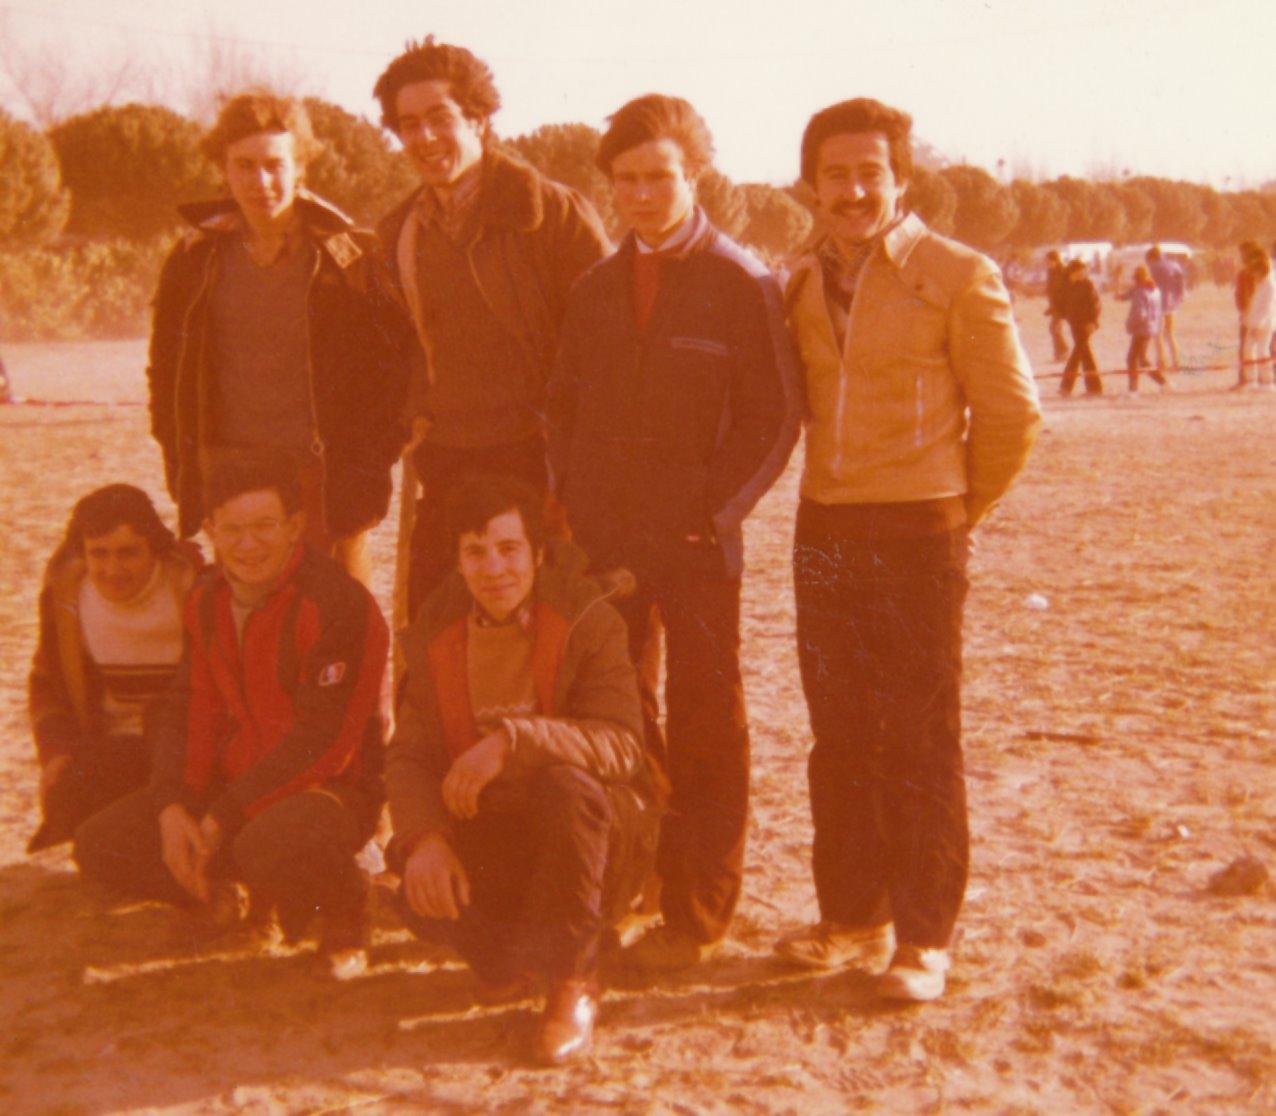 Archives anciens élèves mfr puy-sec 1977 (4)